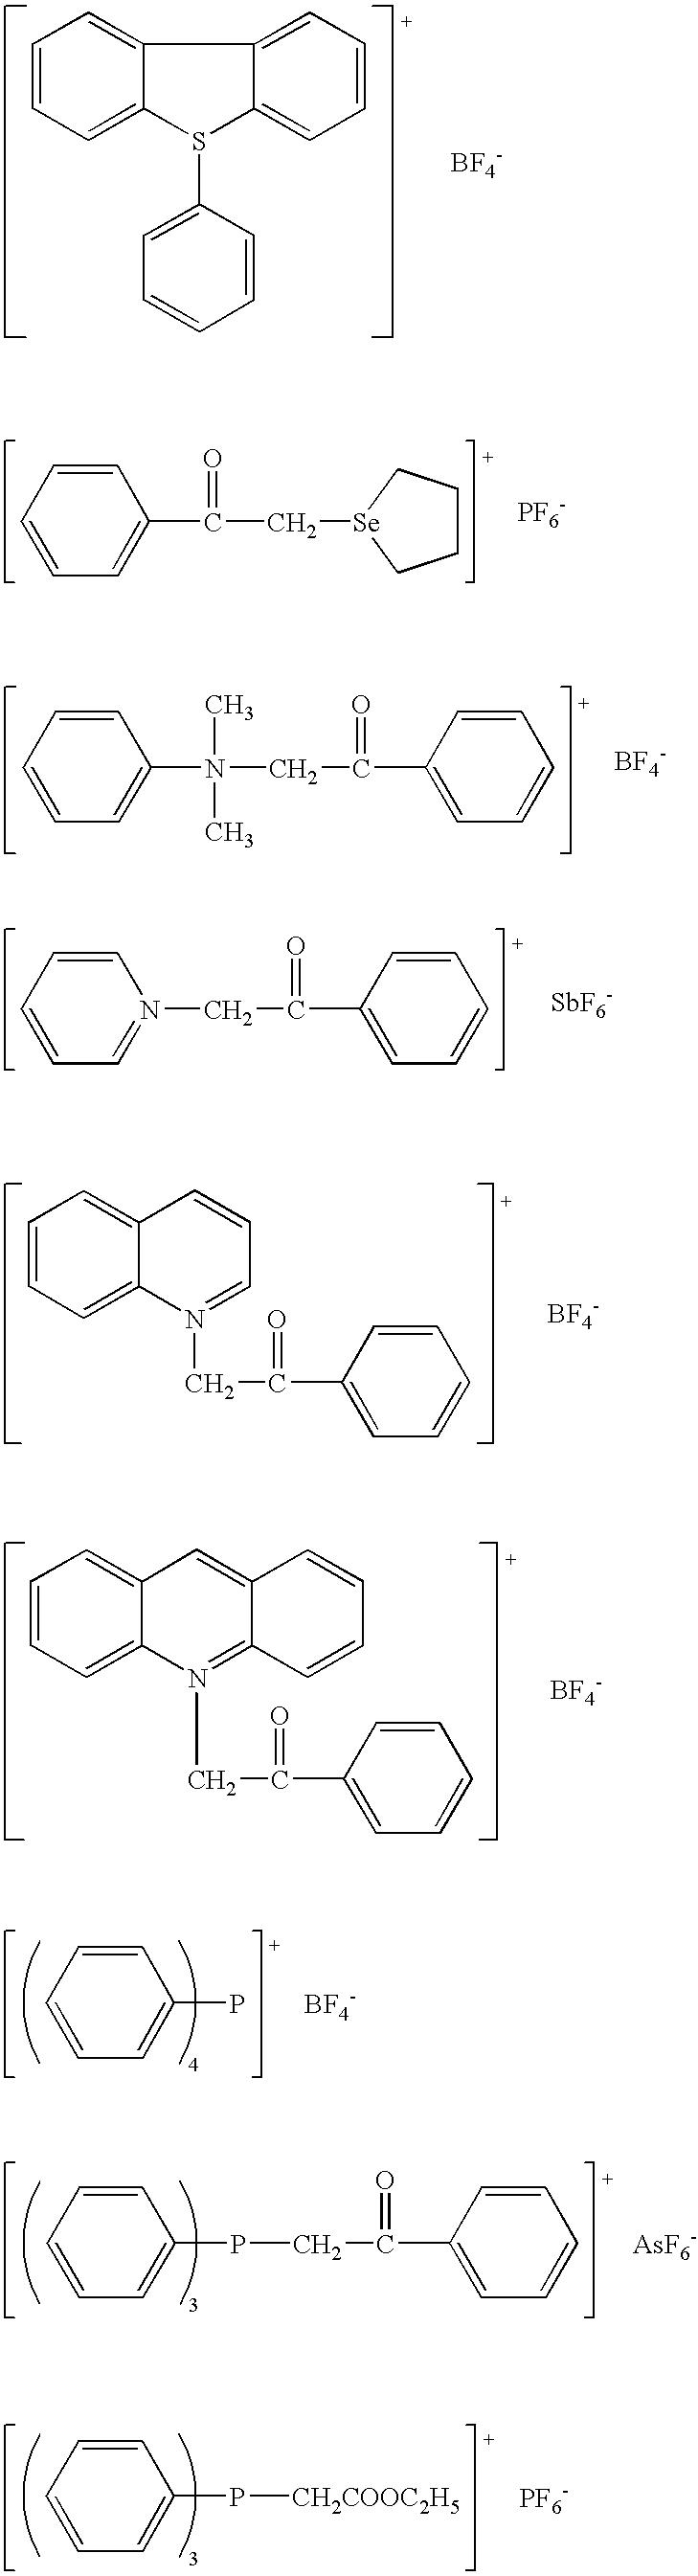 Figure US20070225404A1-20070927-C00005